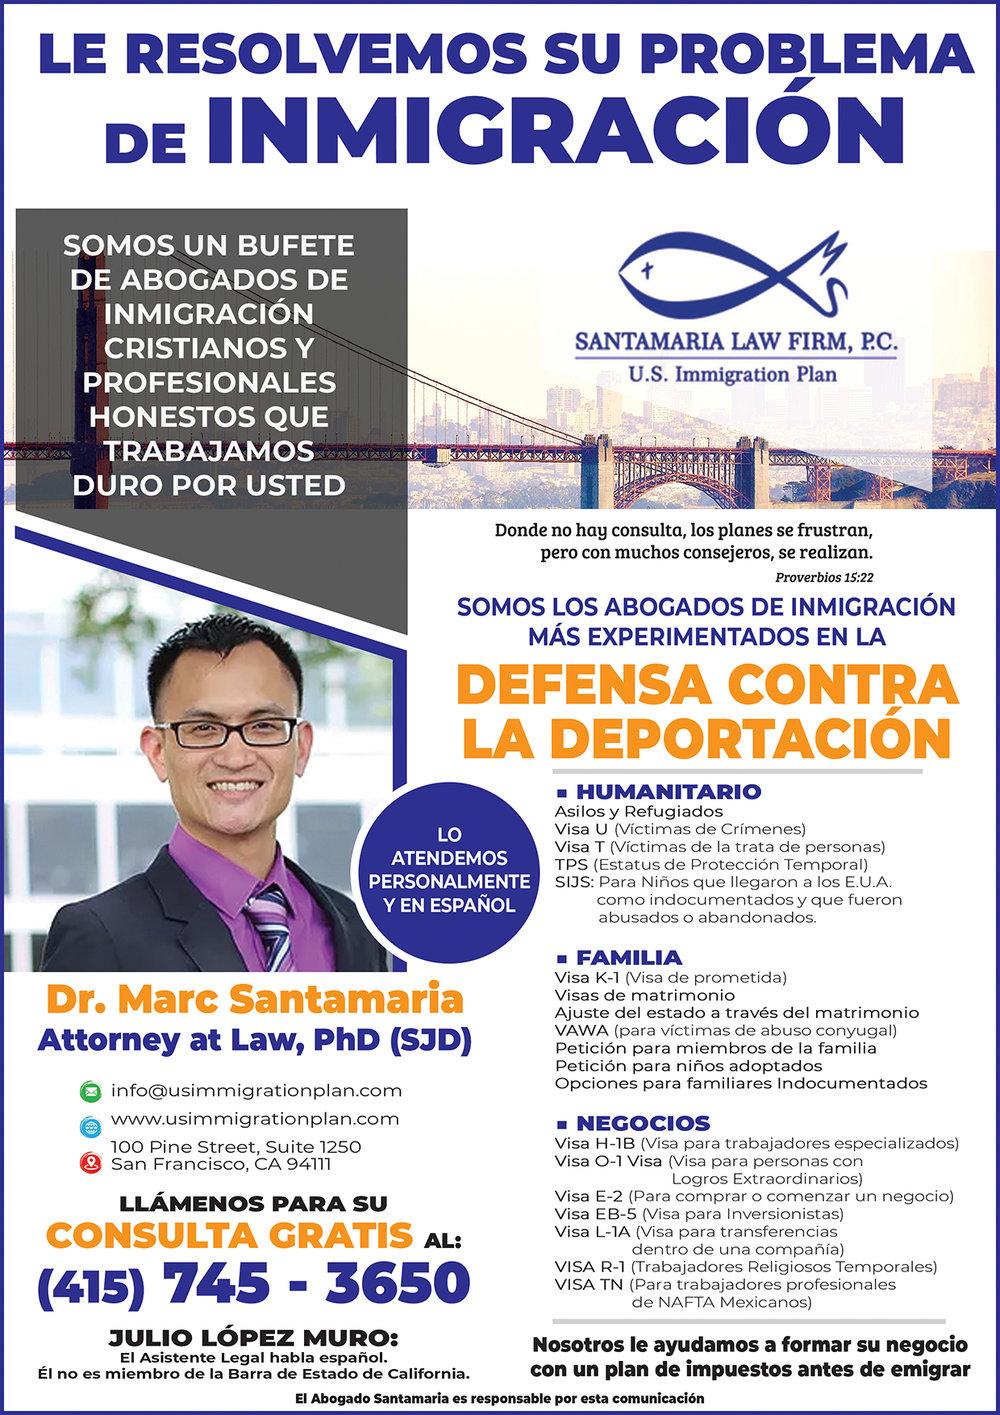 Santamaria Law Firm PC 1 Pag ENERO 2018 copy.jpg